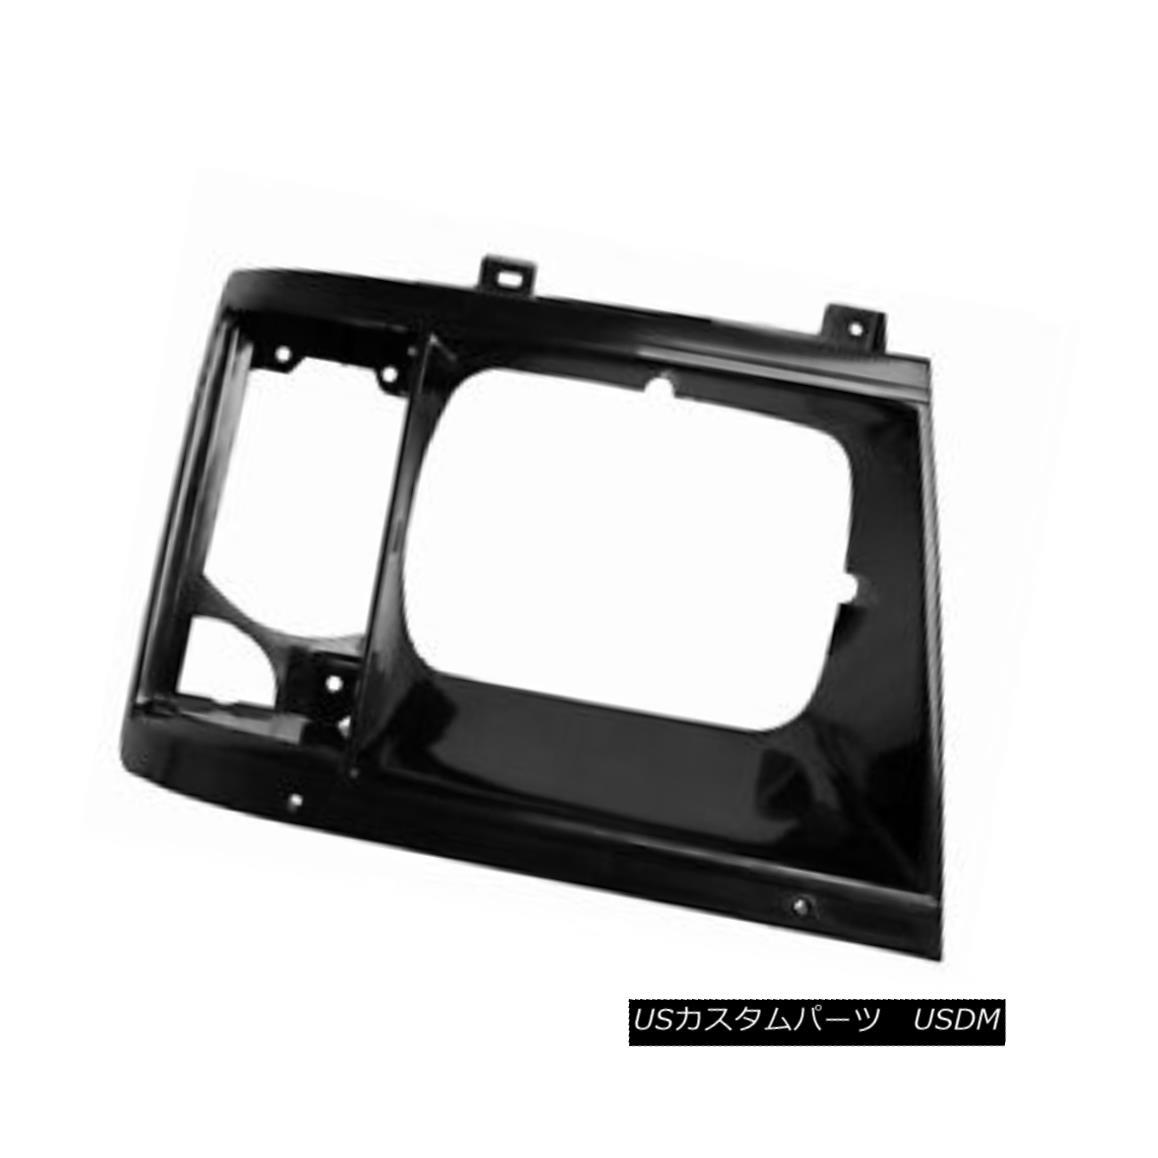 グリル New Headlight Door Black Passenger Side w/Bezel w/o Chrome Strip 630-00673BR 新しいヘッドライトドア黒の乗客の側/ベゼルなしクロームストリップ付き630-00673BR